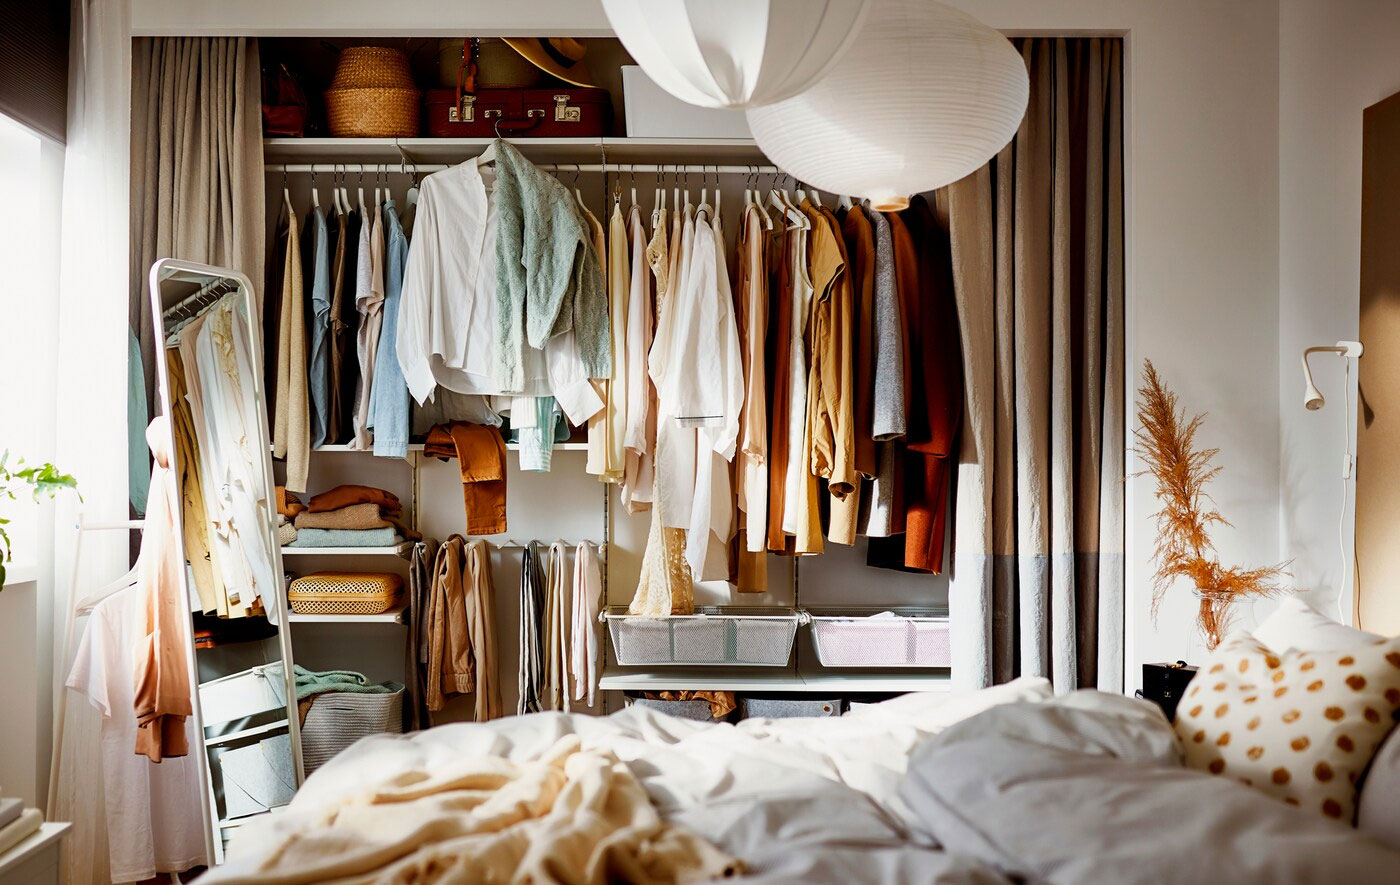 5、整理衣櫃。  失寵和損壞的衣服帶有負能量。整理好衣櫃,存放你喜歡的的衣服,當你穿上這些充滿正能量的衣服後,就會充滿自信。